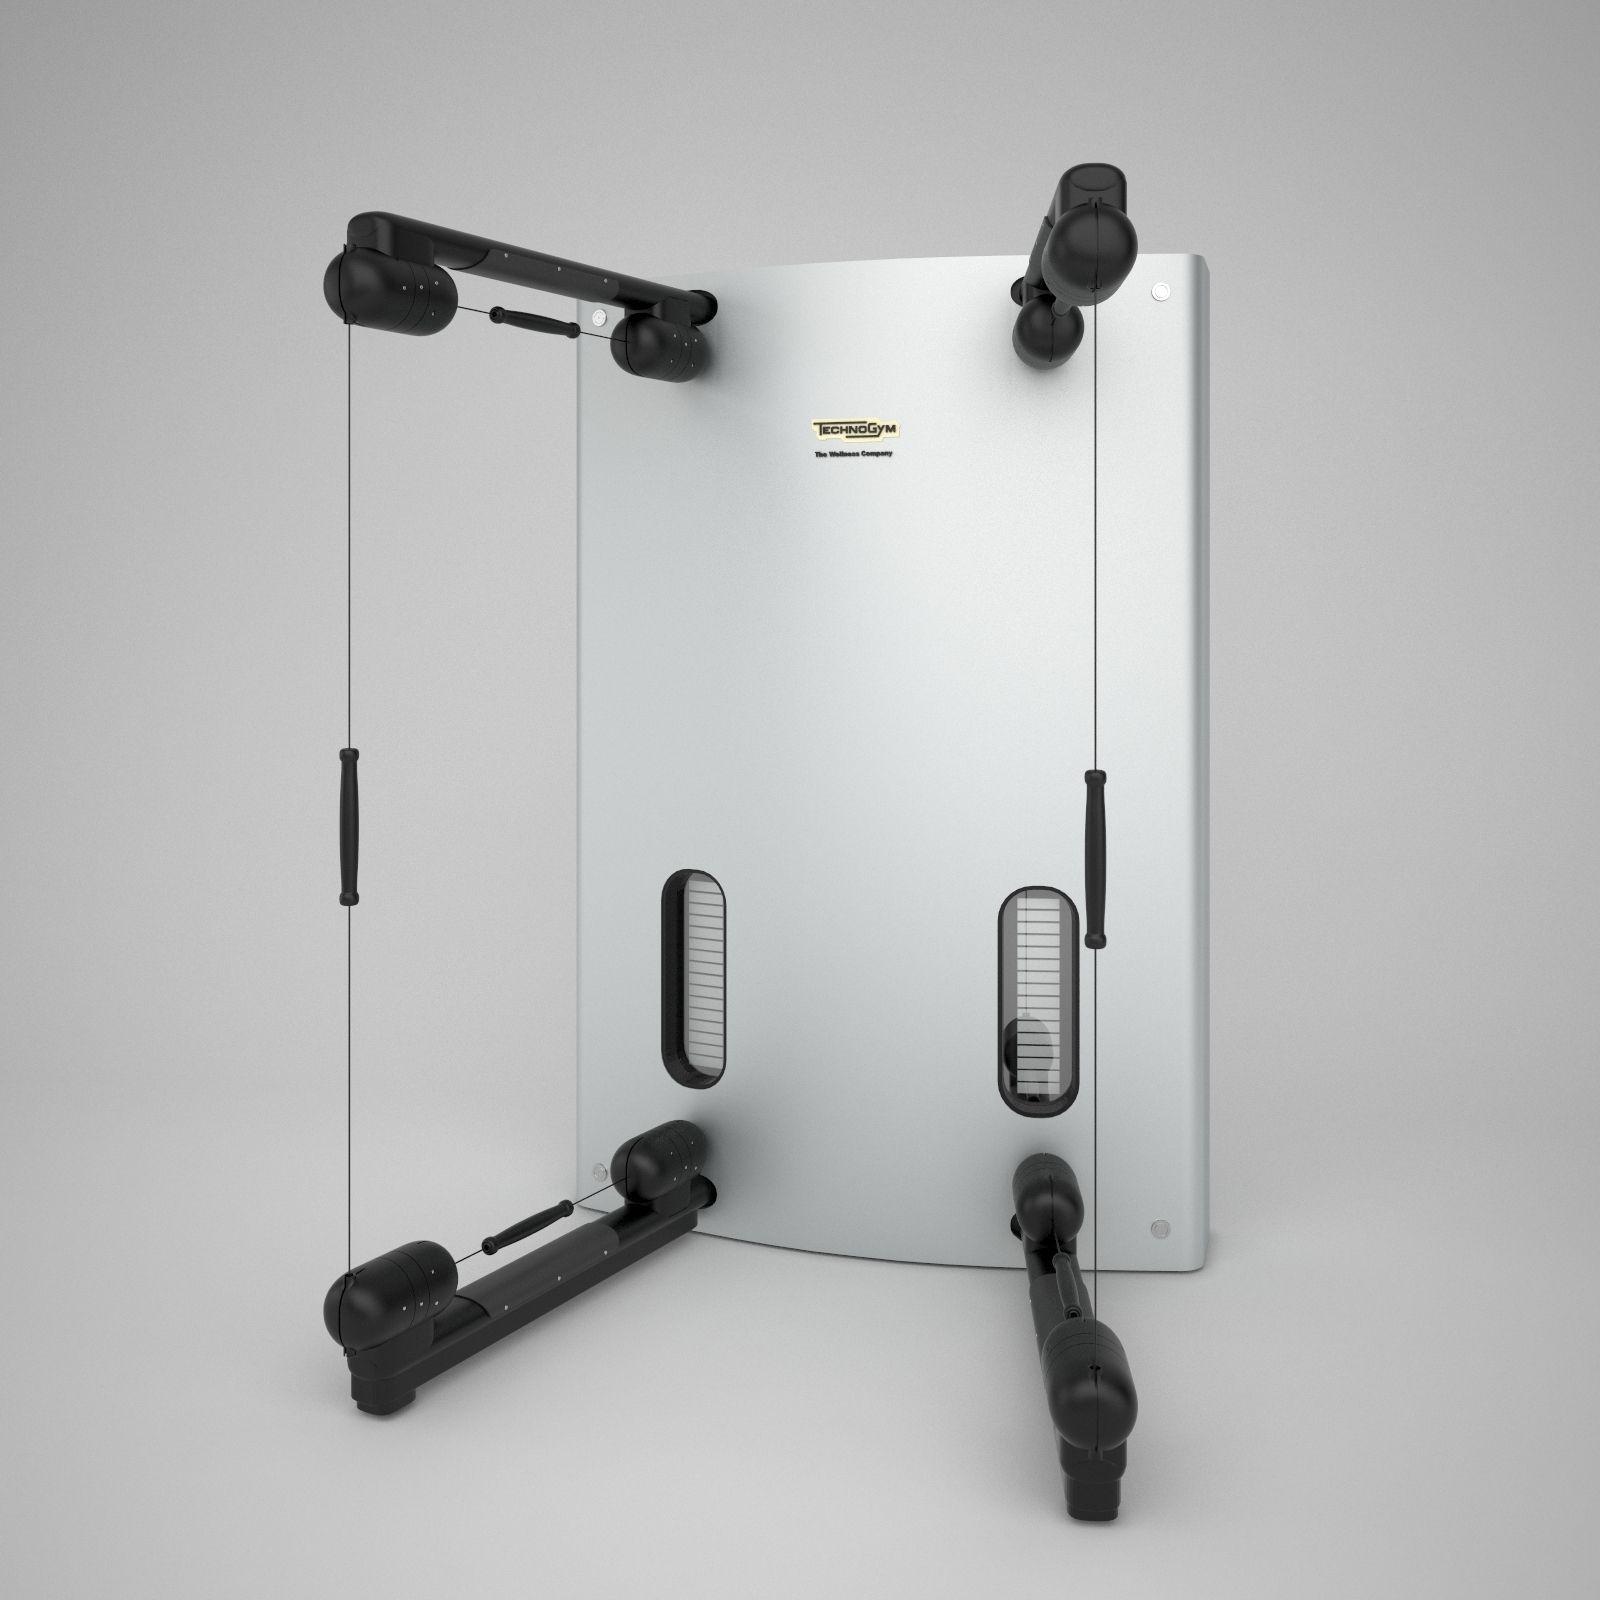 Technogym Kinesis One Fitness Machine